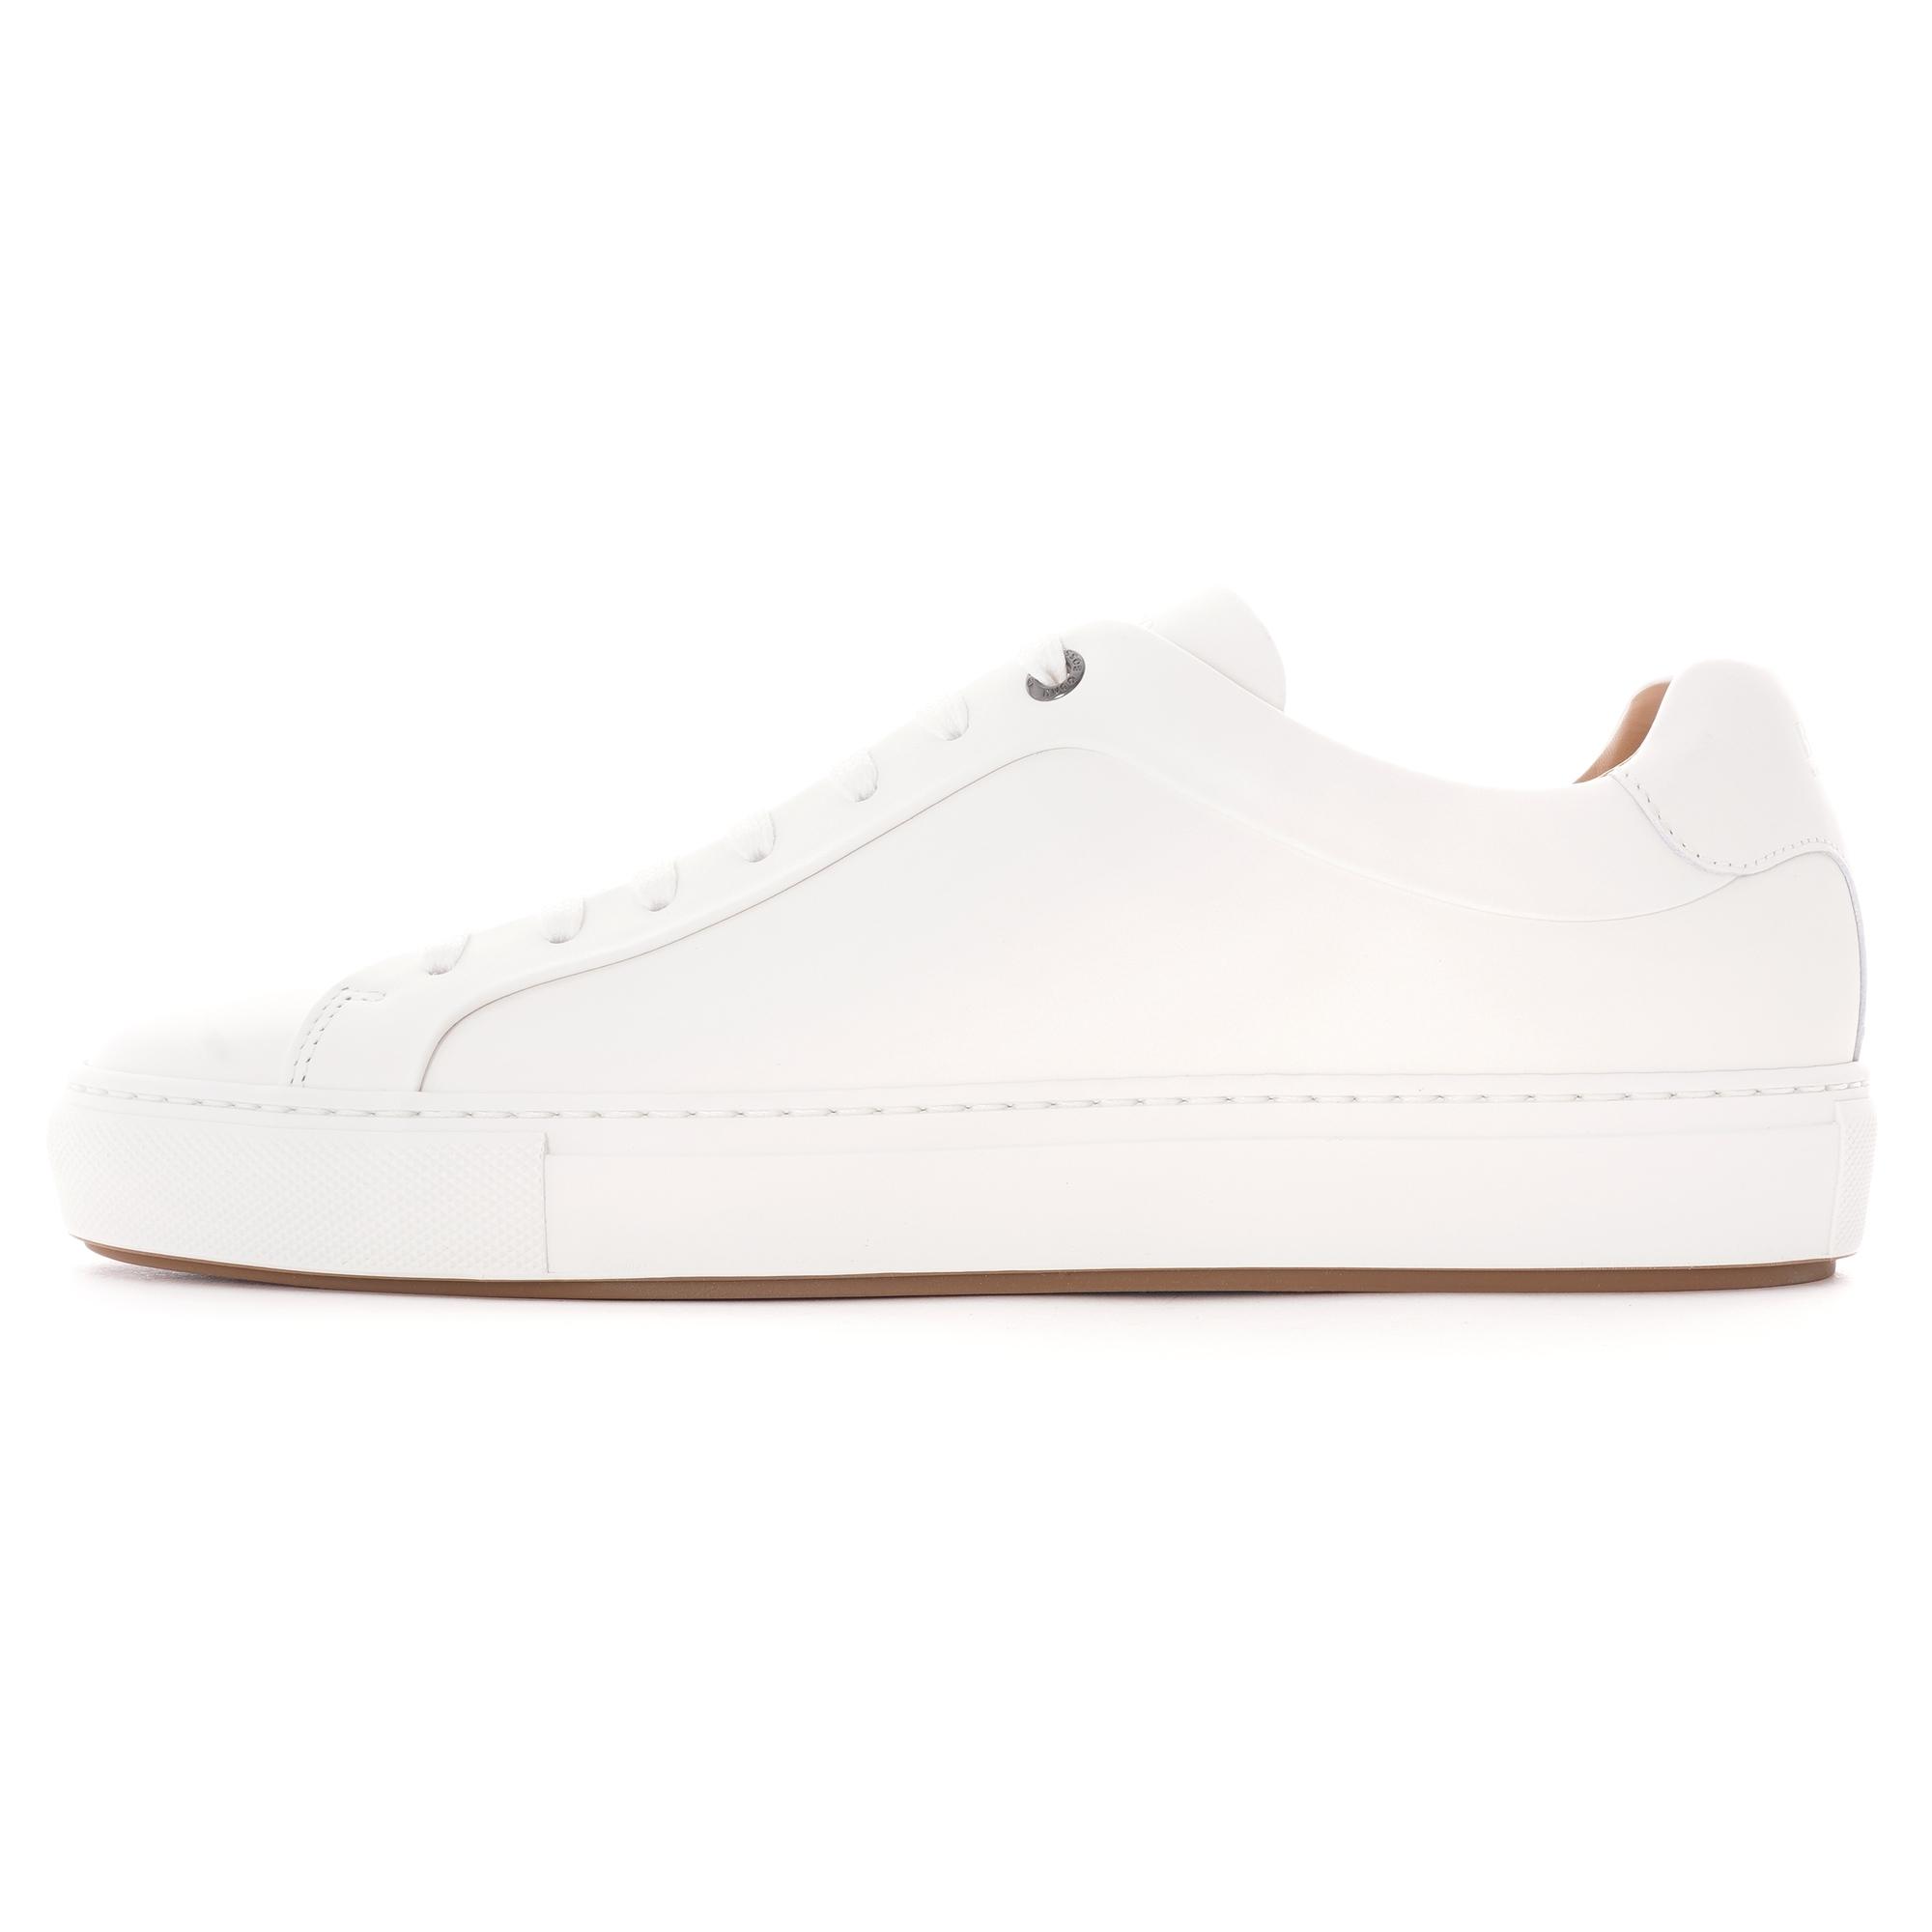 hugo boss white tennis shoes Online